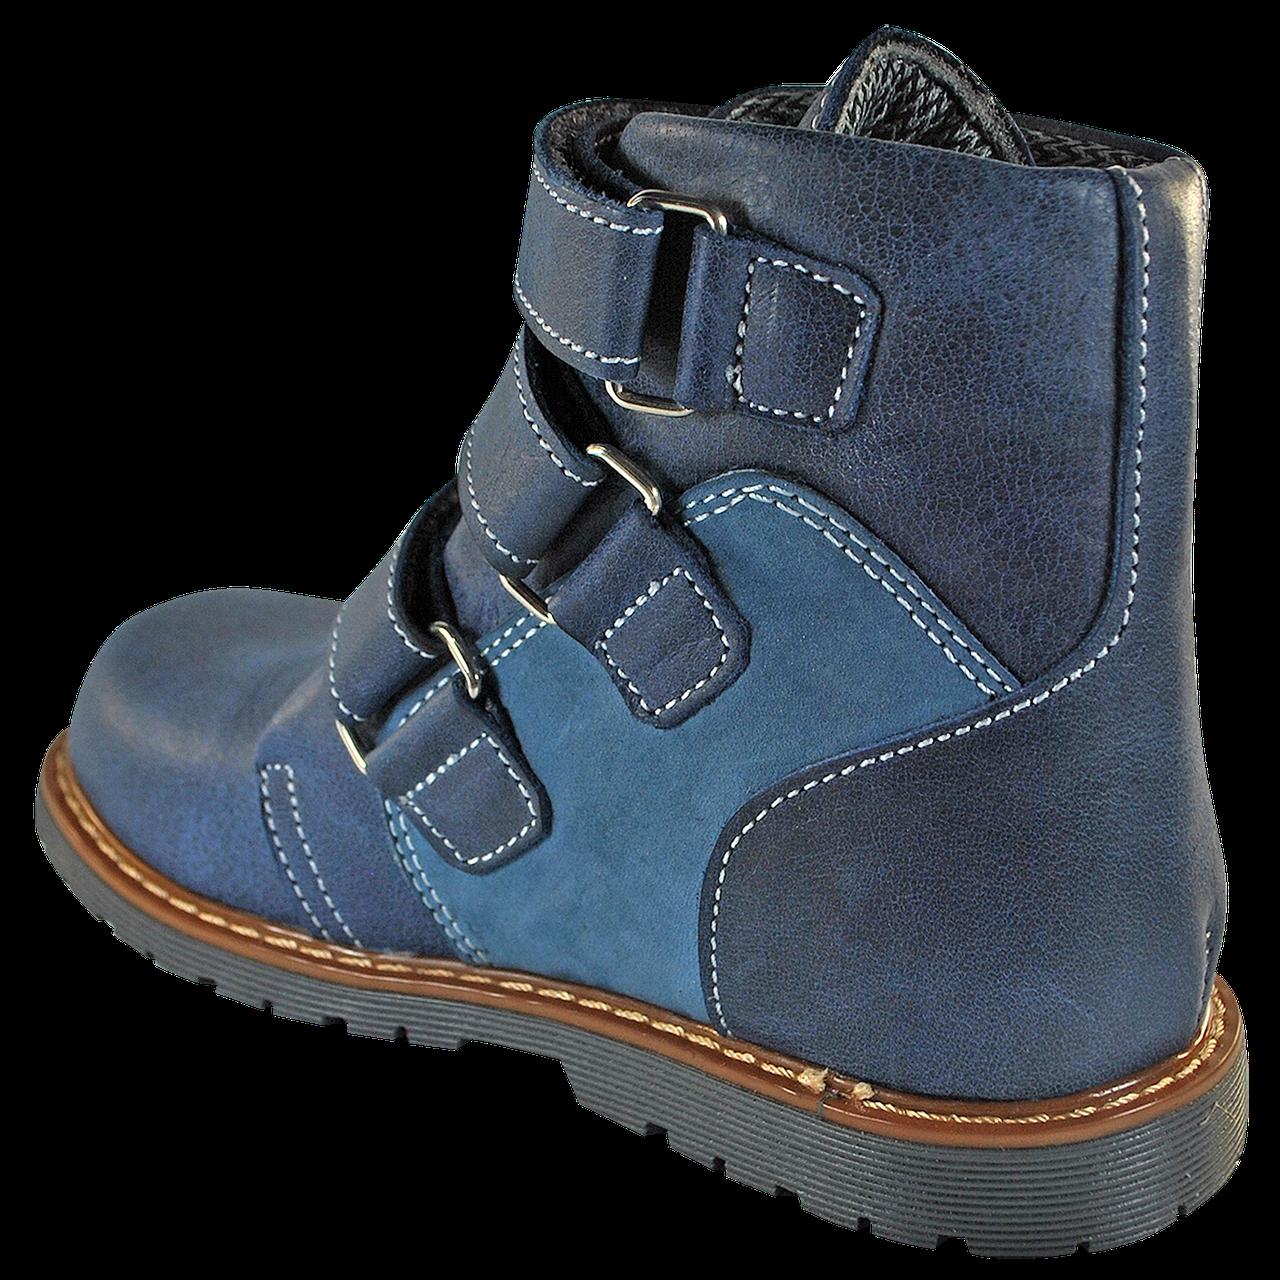 81ec4db21 Детские ортопедические ботинки 4Rest-Orto 06-573 р. 31-36, цена 1 490 грн.,  купить в Сумах — Prom.ua (ID#865481762)